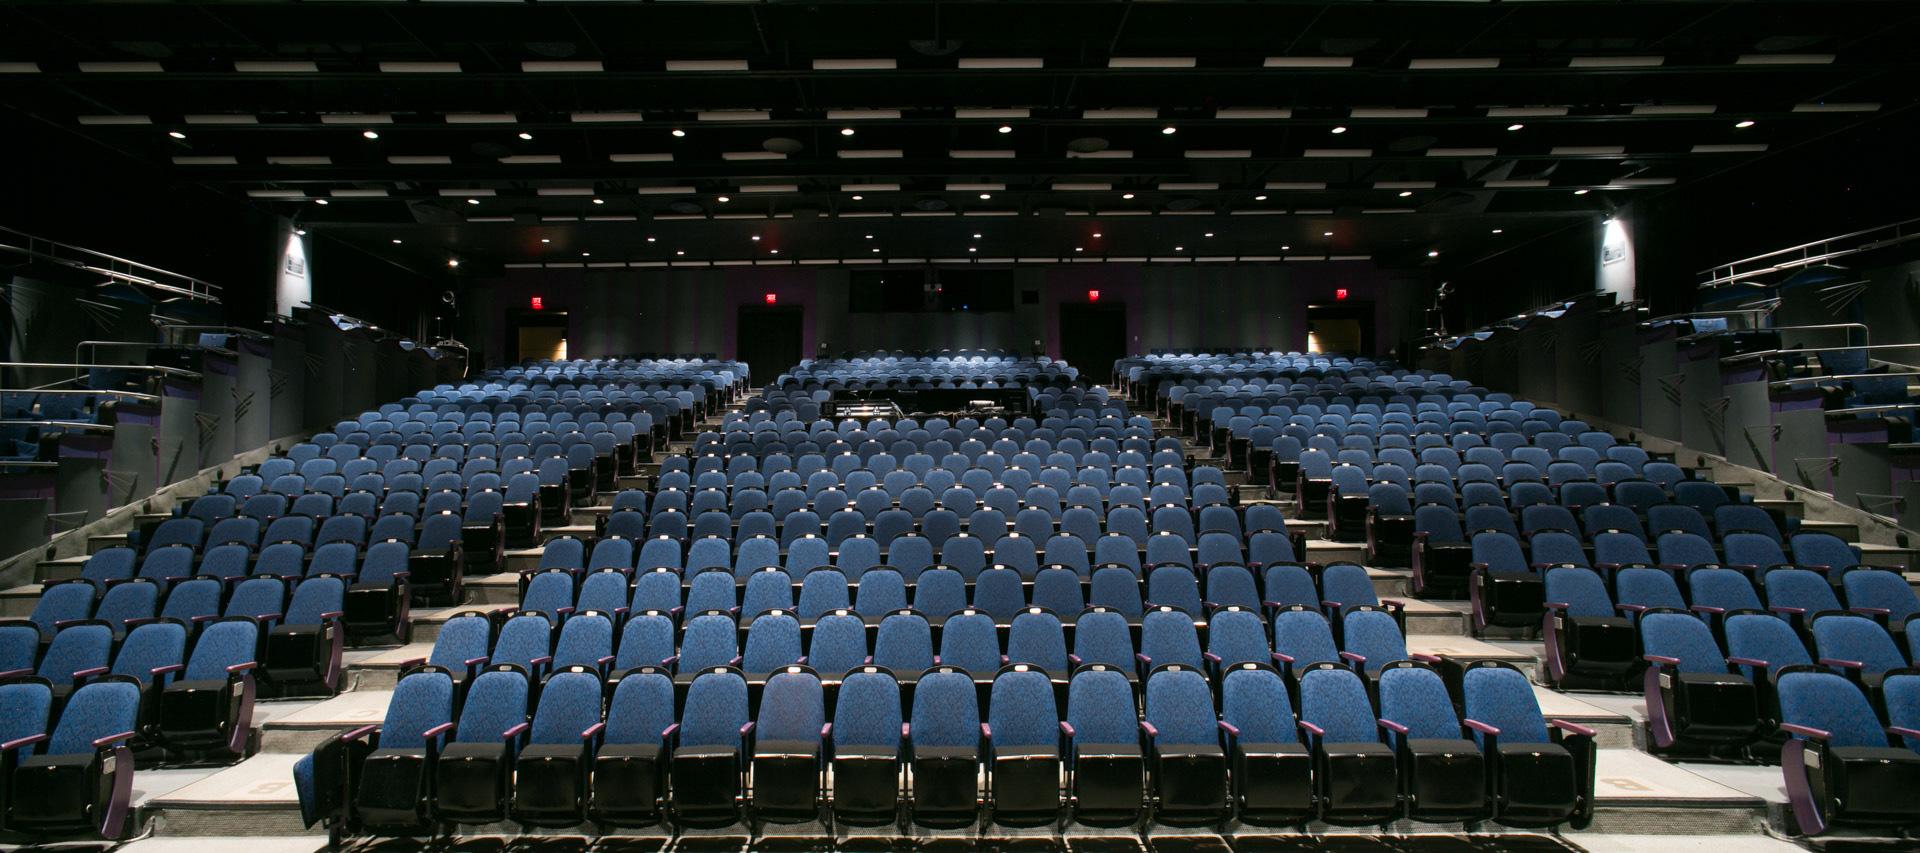 salle spectacle pratt whitney